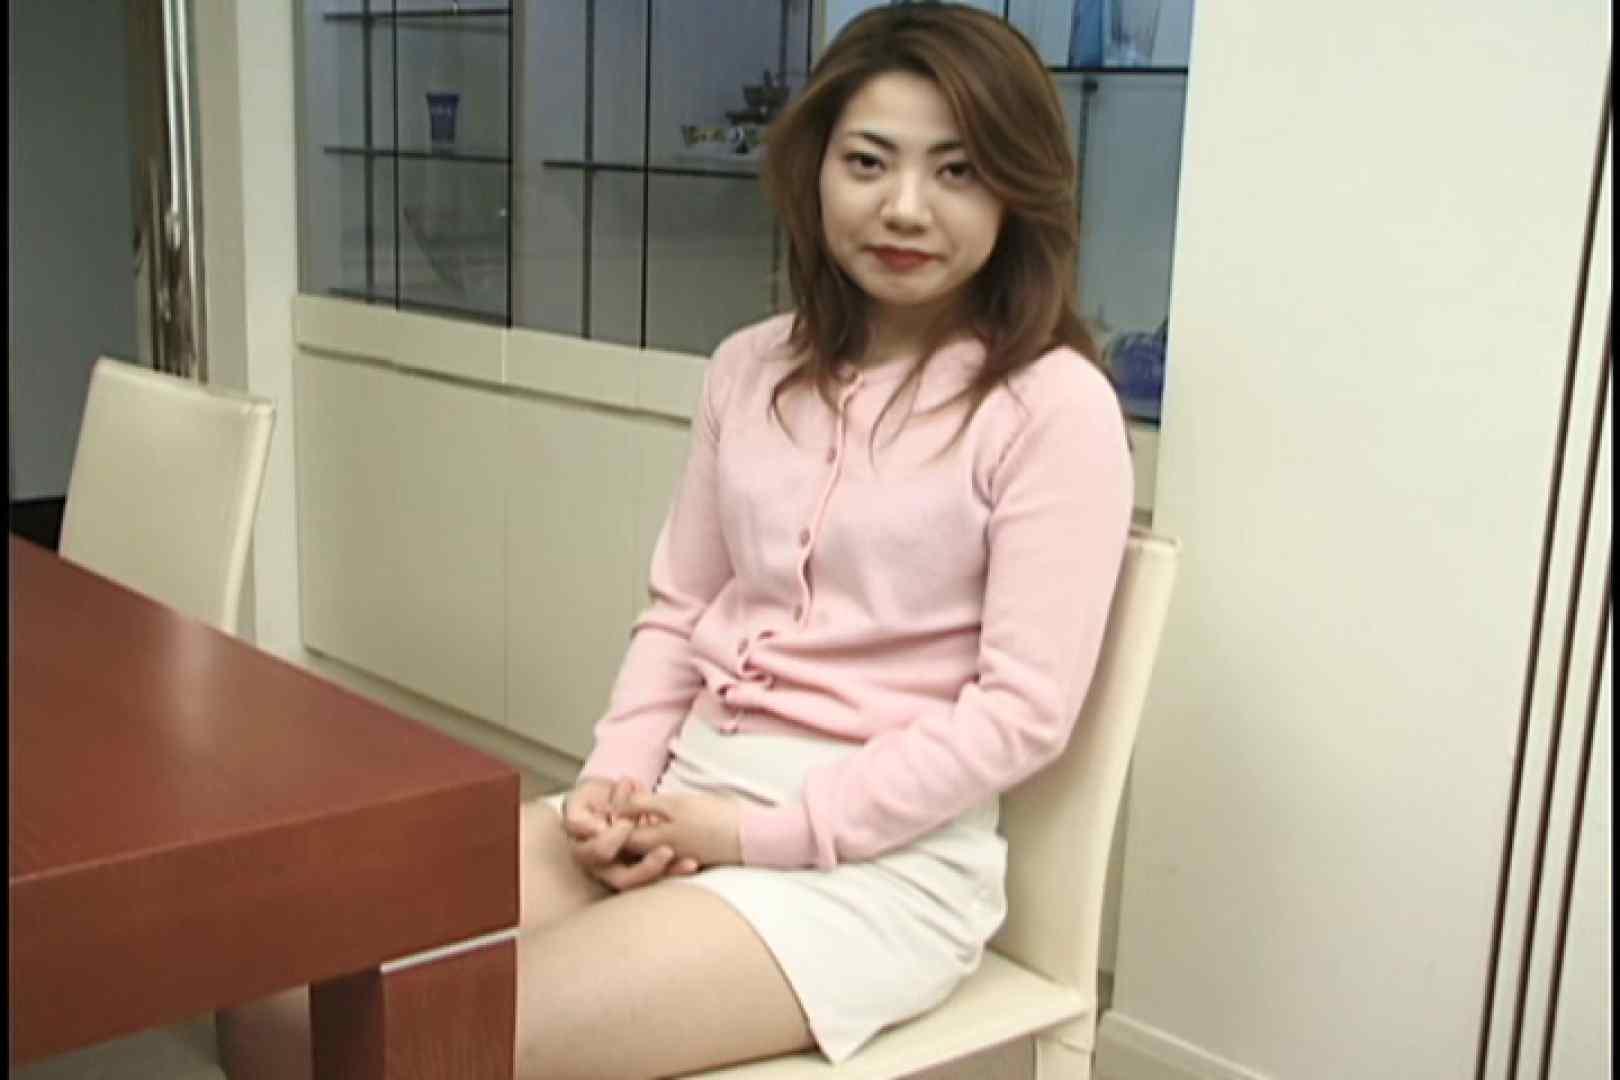 欲求不満の人妻がエロいフェラで男を虜に~川本亜矢子~ 人妻 おまんこ動画流出 62PIX 10